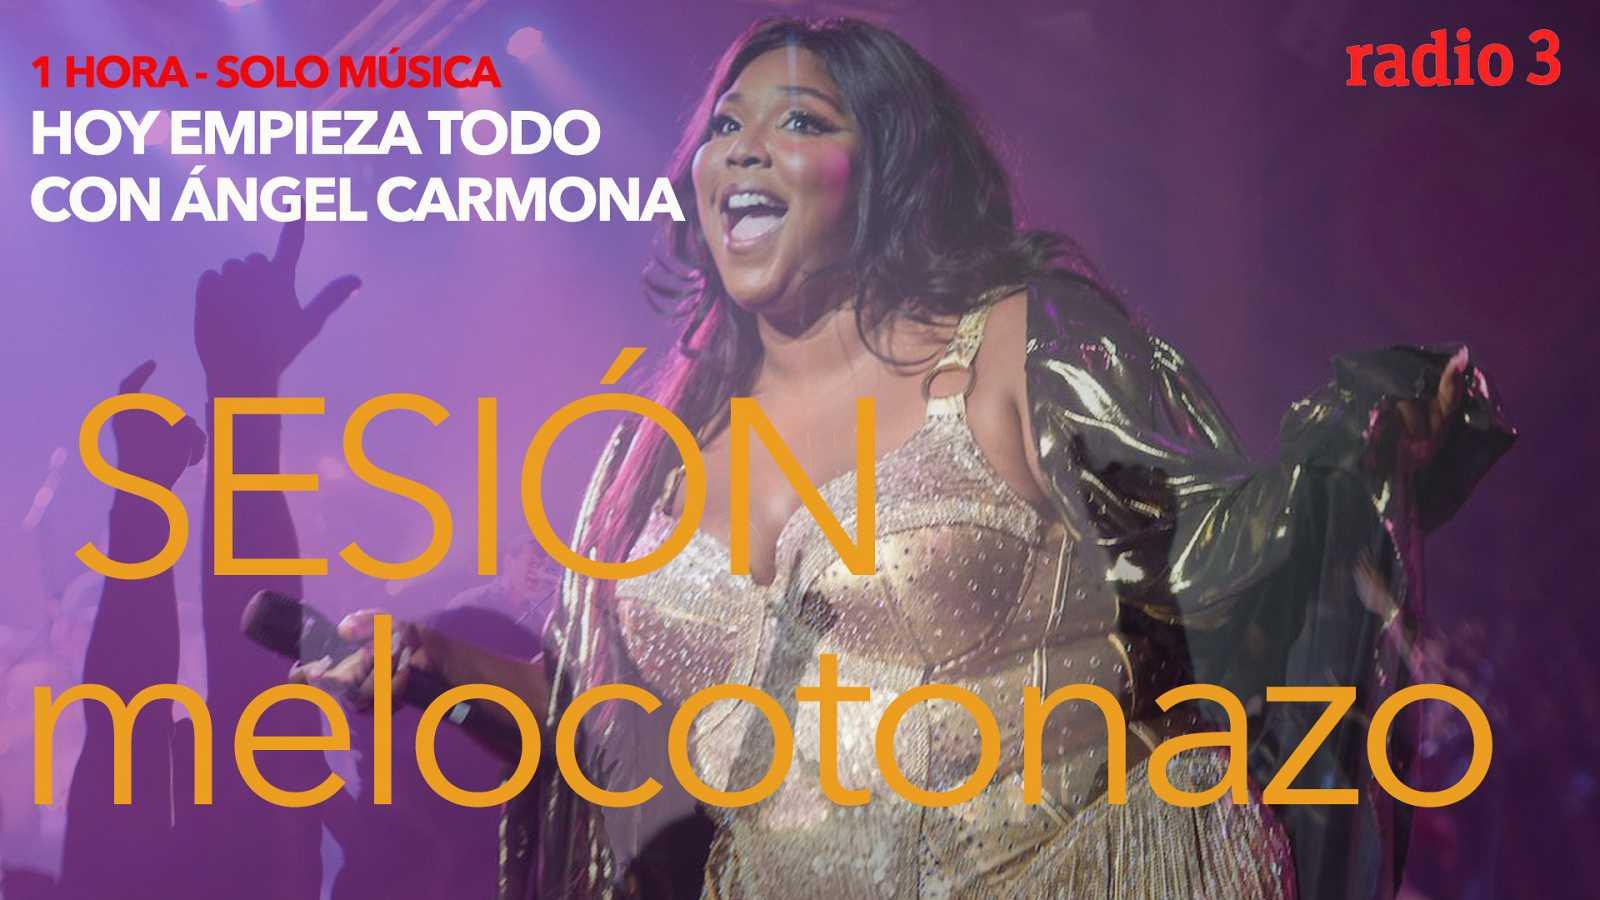 Hoy empieza todo con Ángel Carmona - #SesiónMelocotonazo: Wilco, Lizzo, Death cab for cutie... - 29/10/20 - escuchar ahora